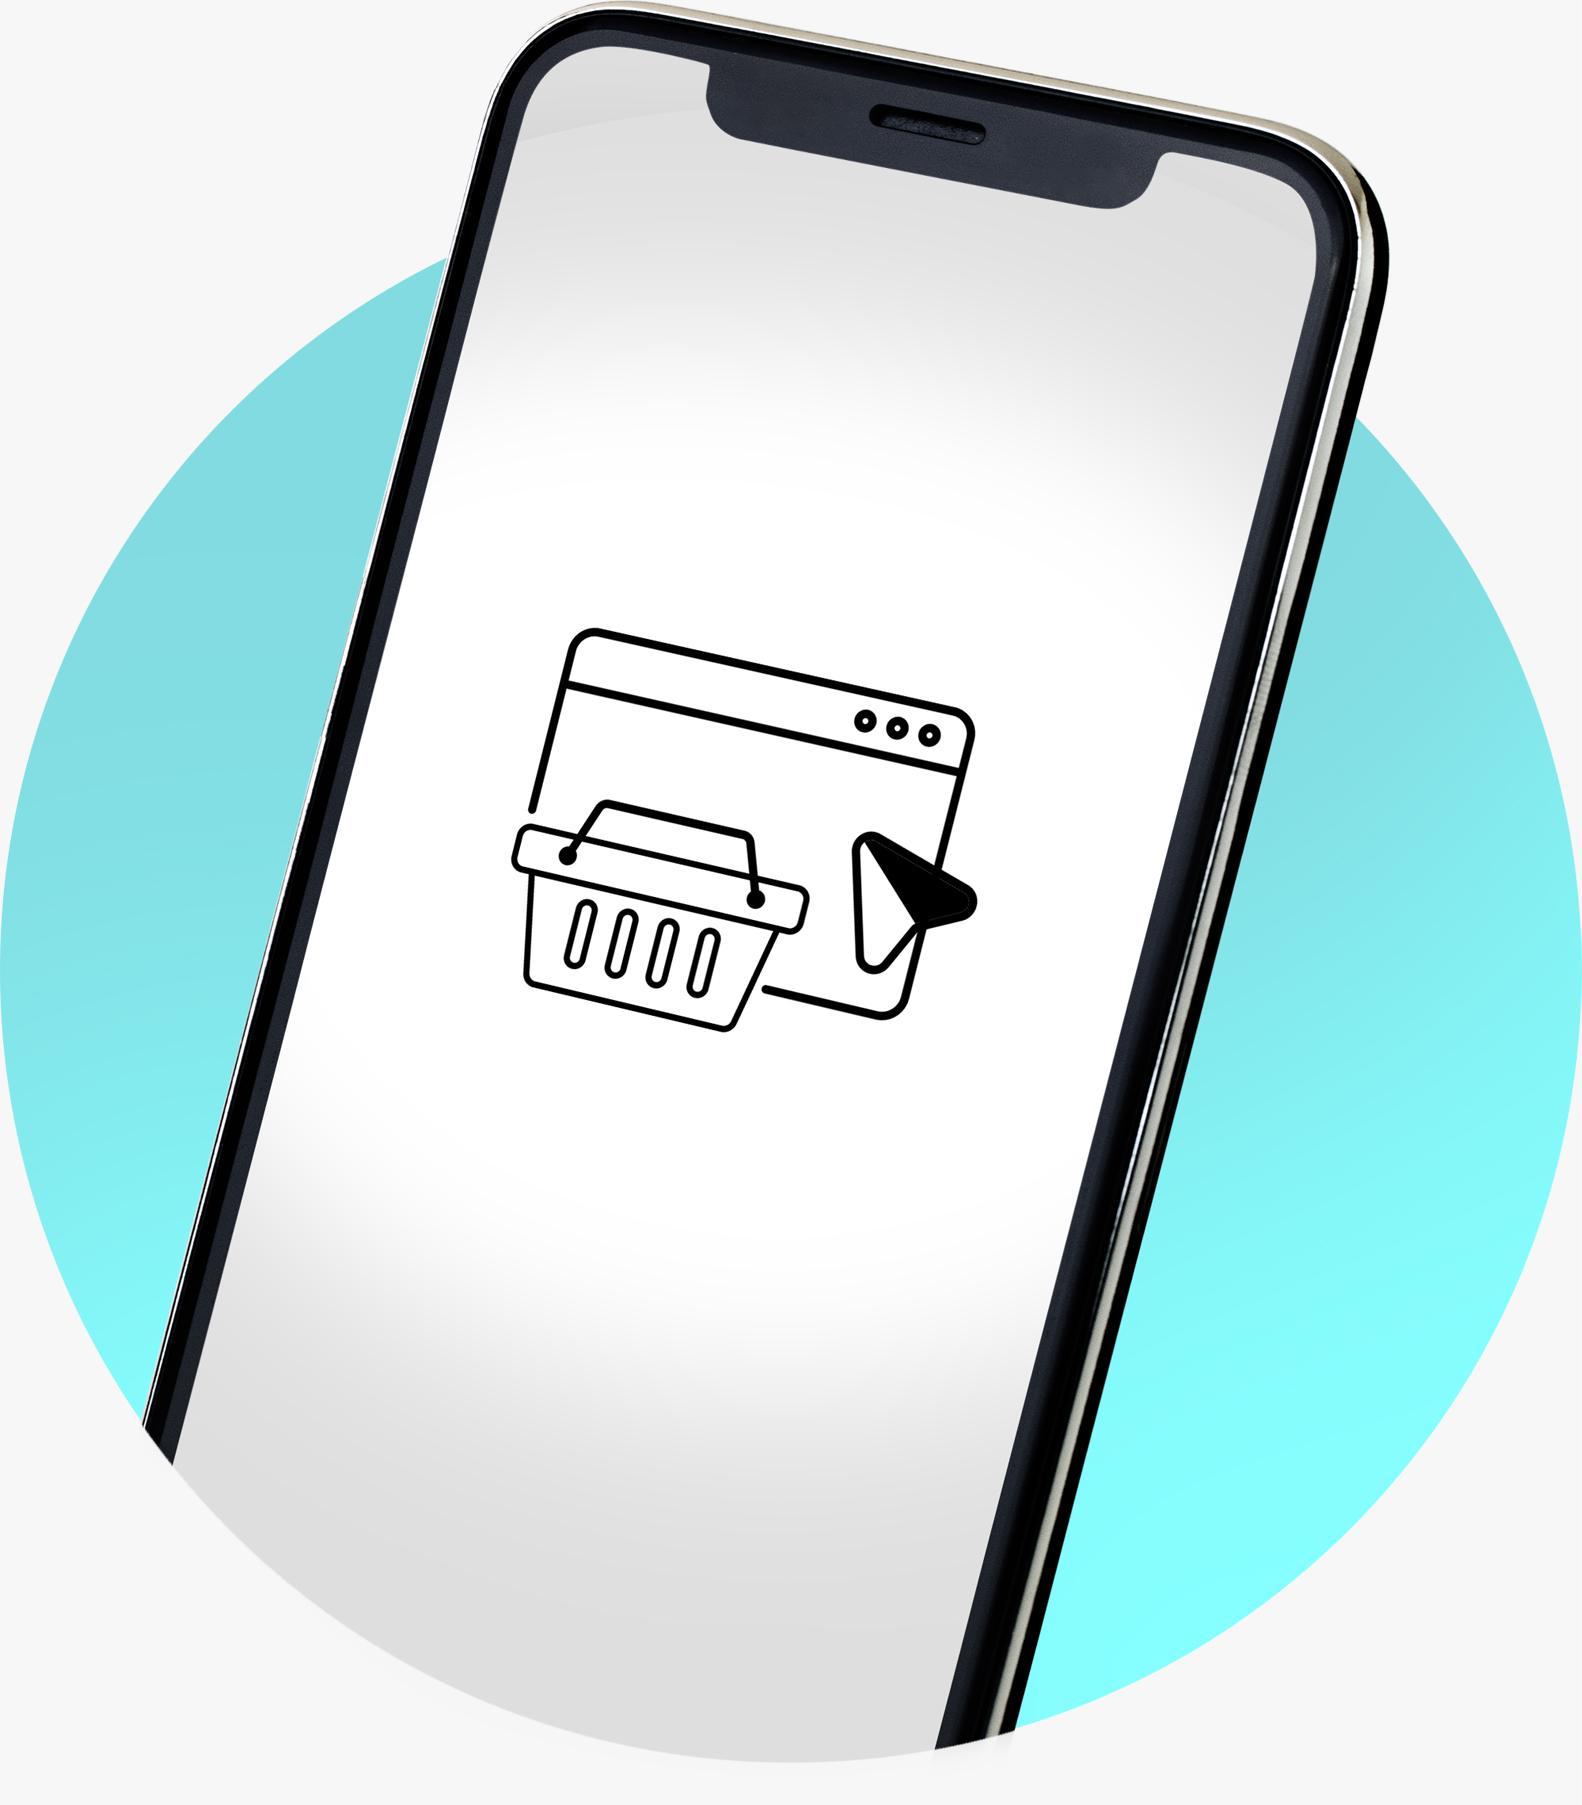 Imagem de celular com ícone de e-commerce